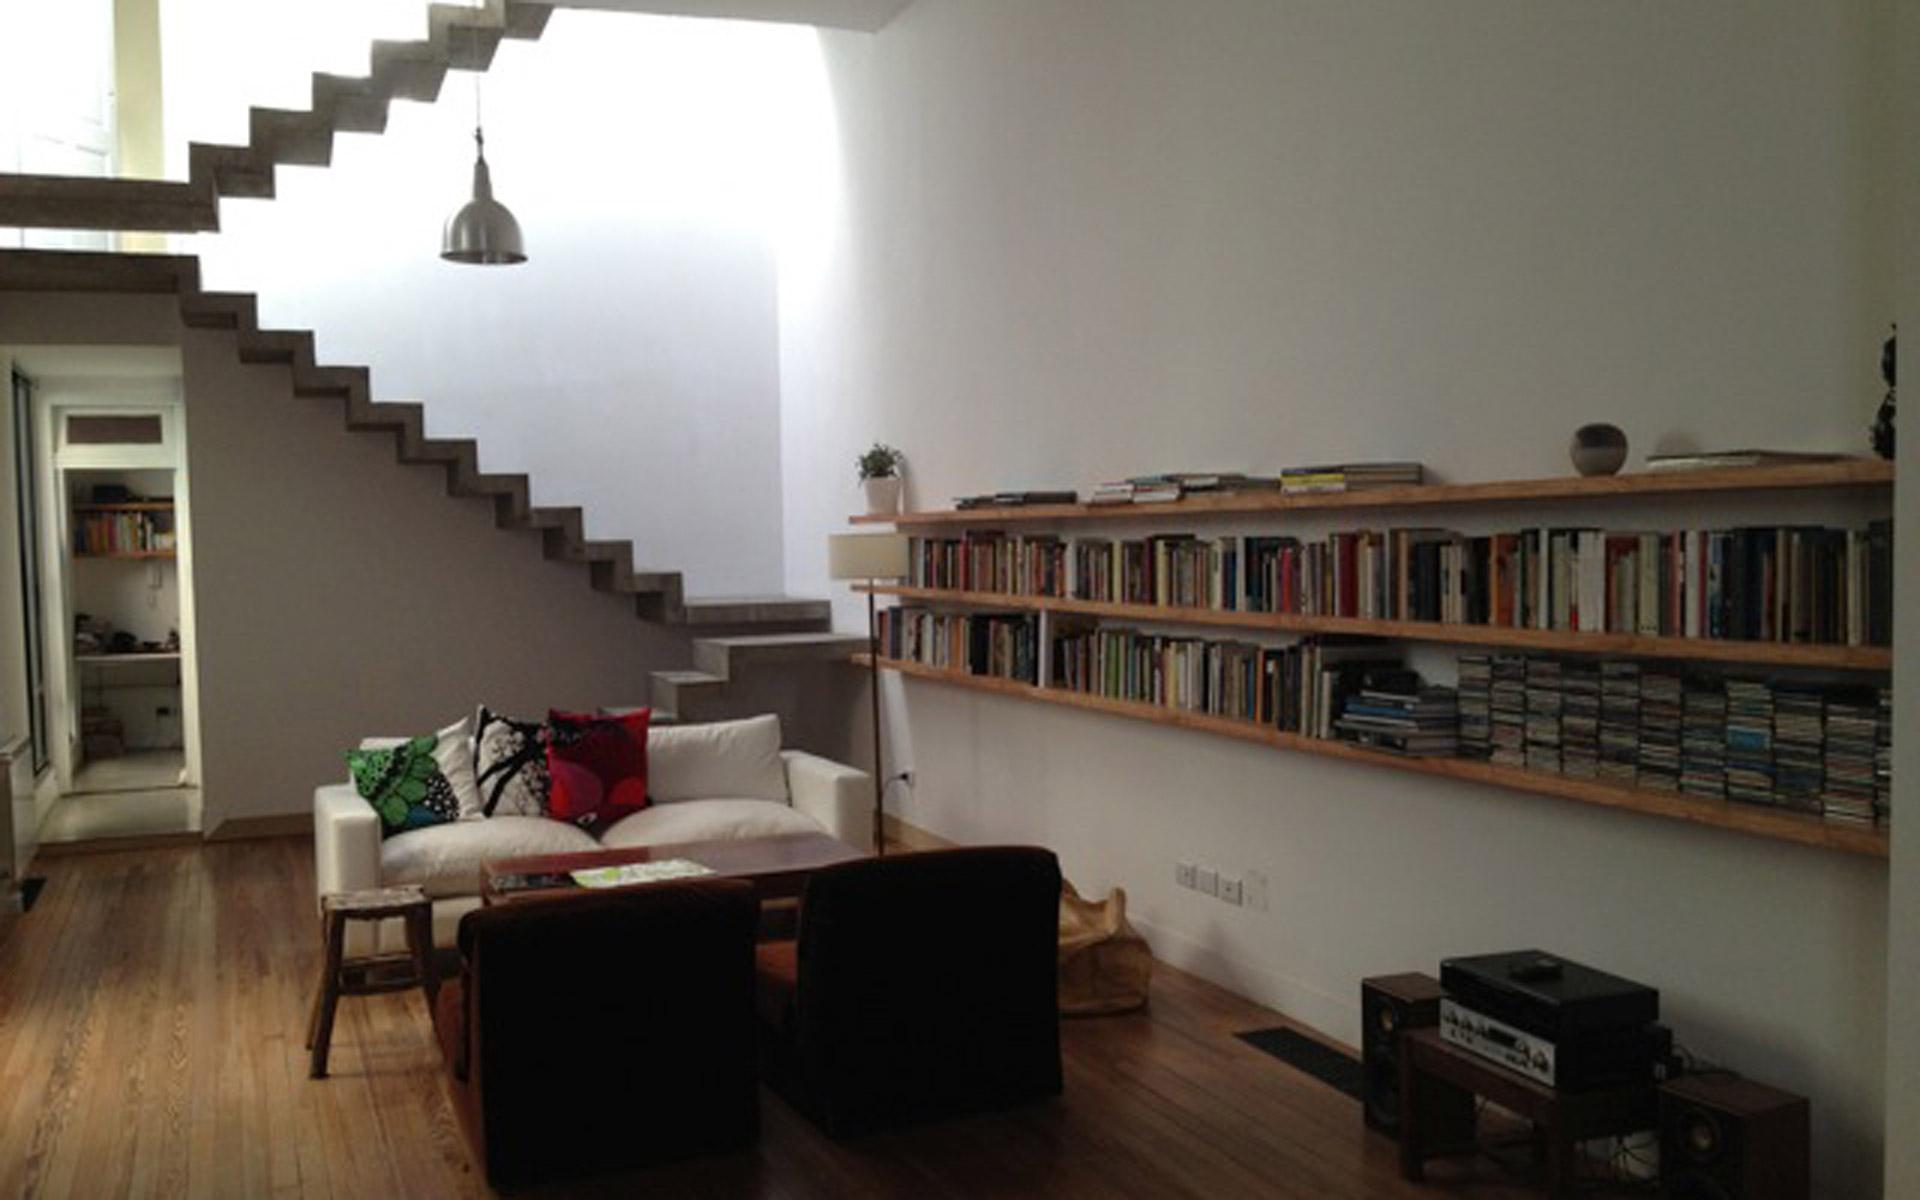 Arquitectura interior, Reforma PH antiguo, living y escalera plegado de hormigón y piso de pintoea recuperado